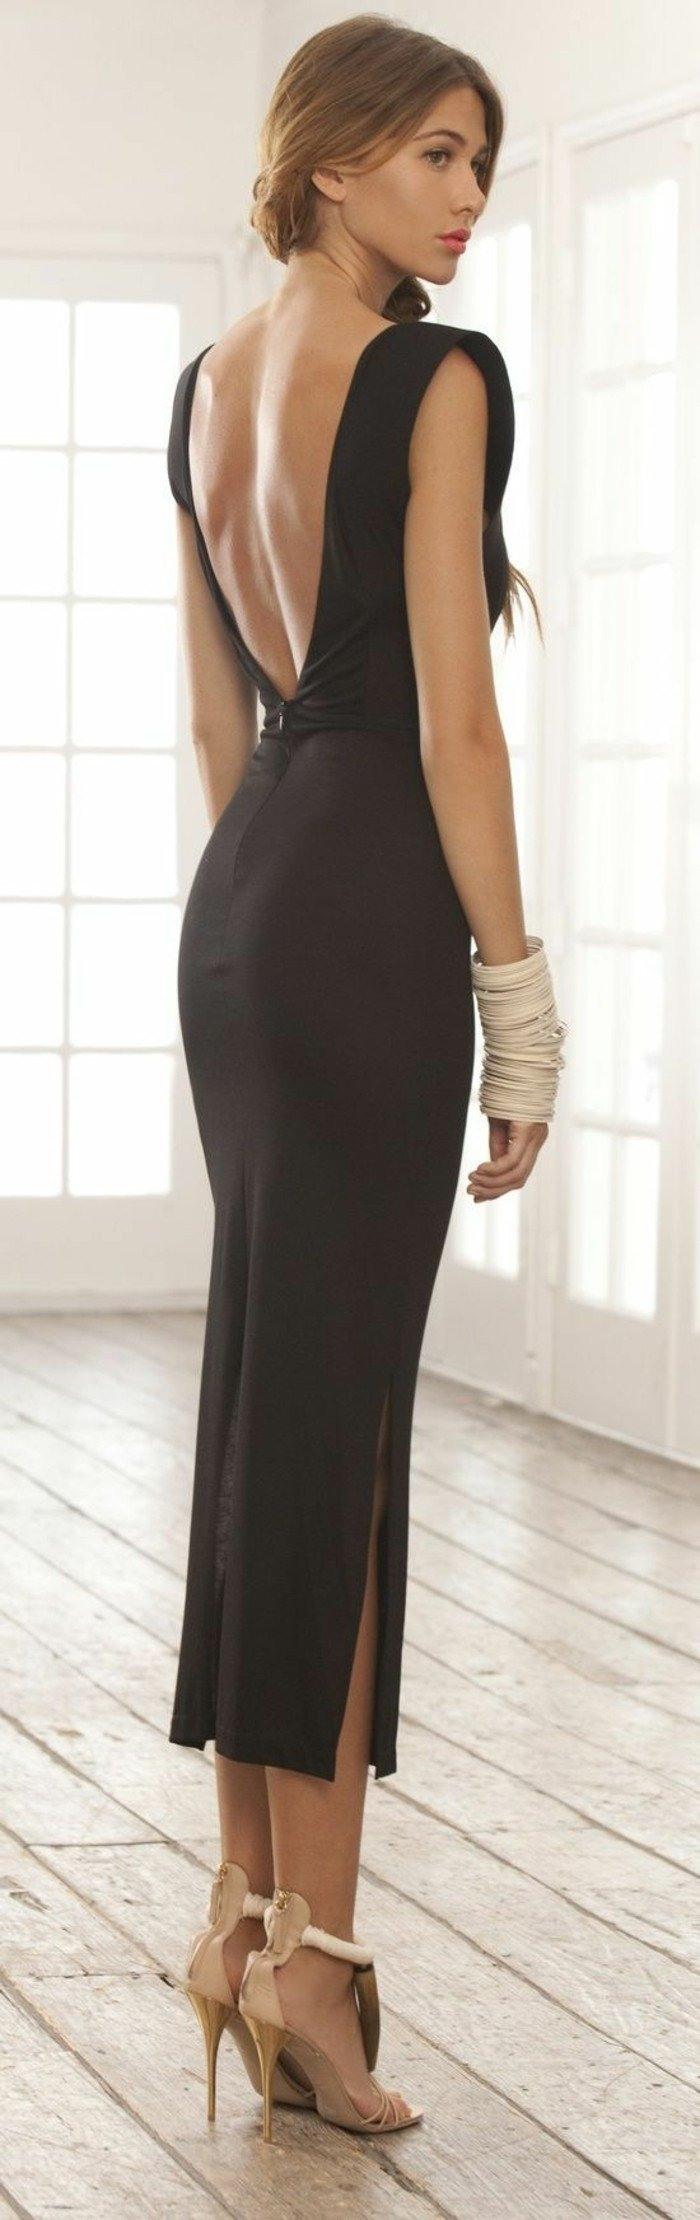 Formal Spektakulär Damenkleider Elegant Ärmel13 Top Damenkleider Elegant Design